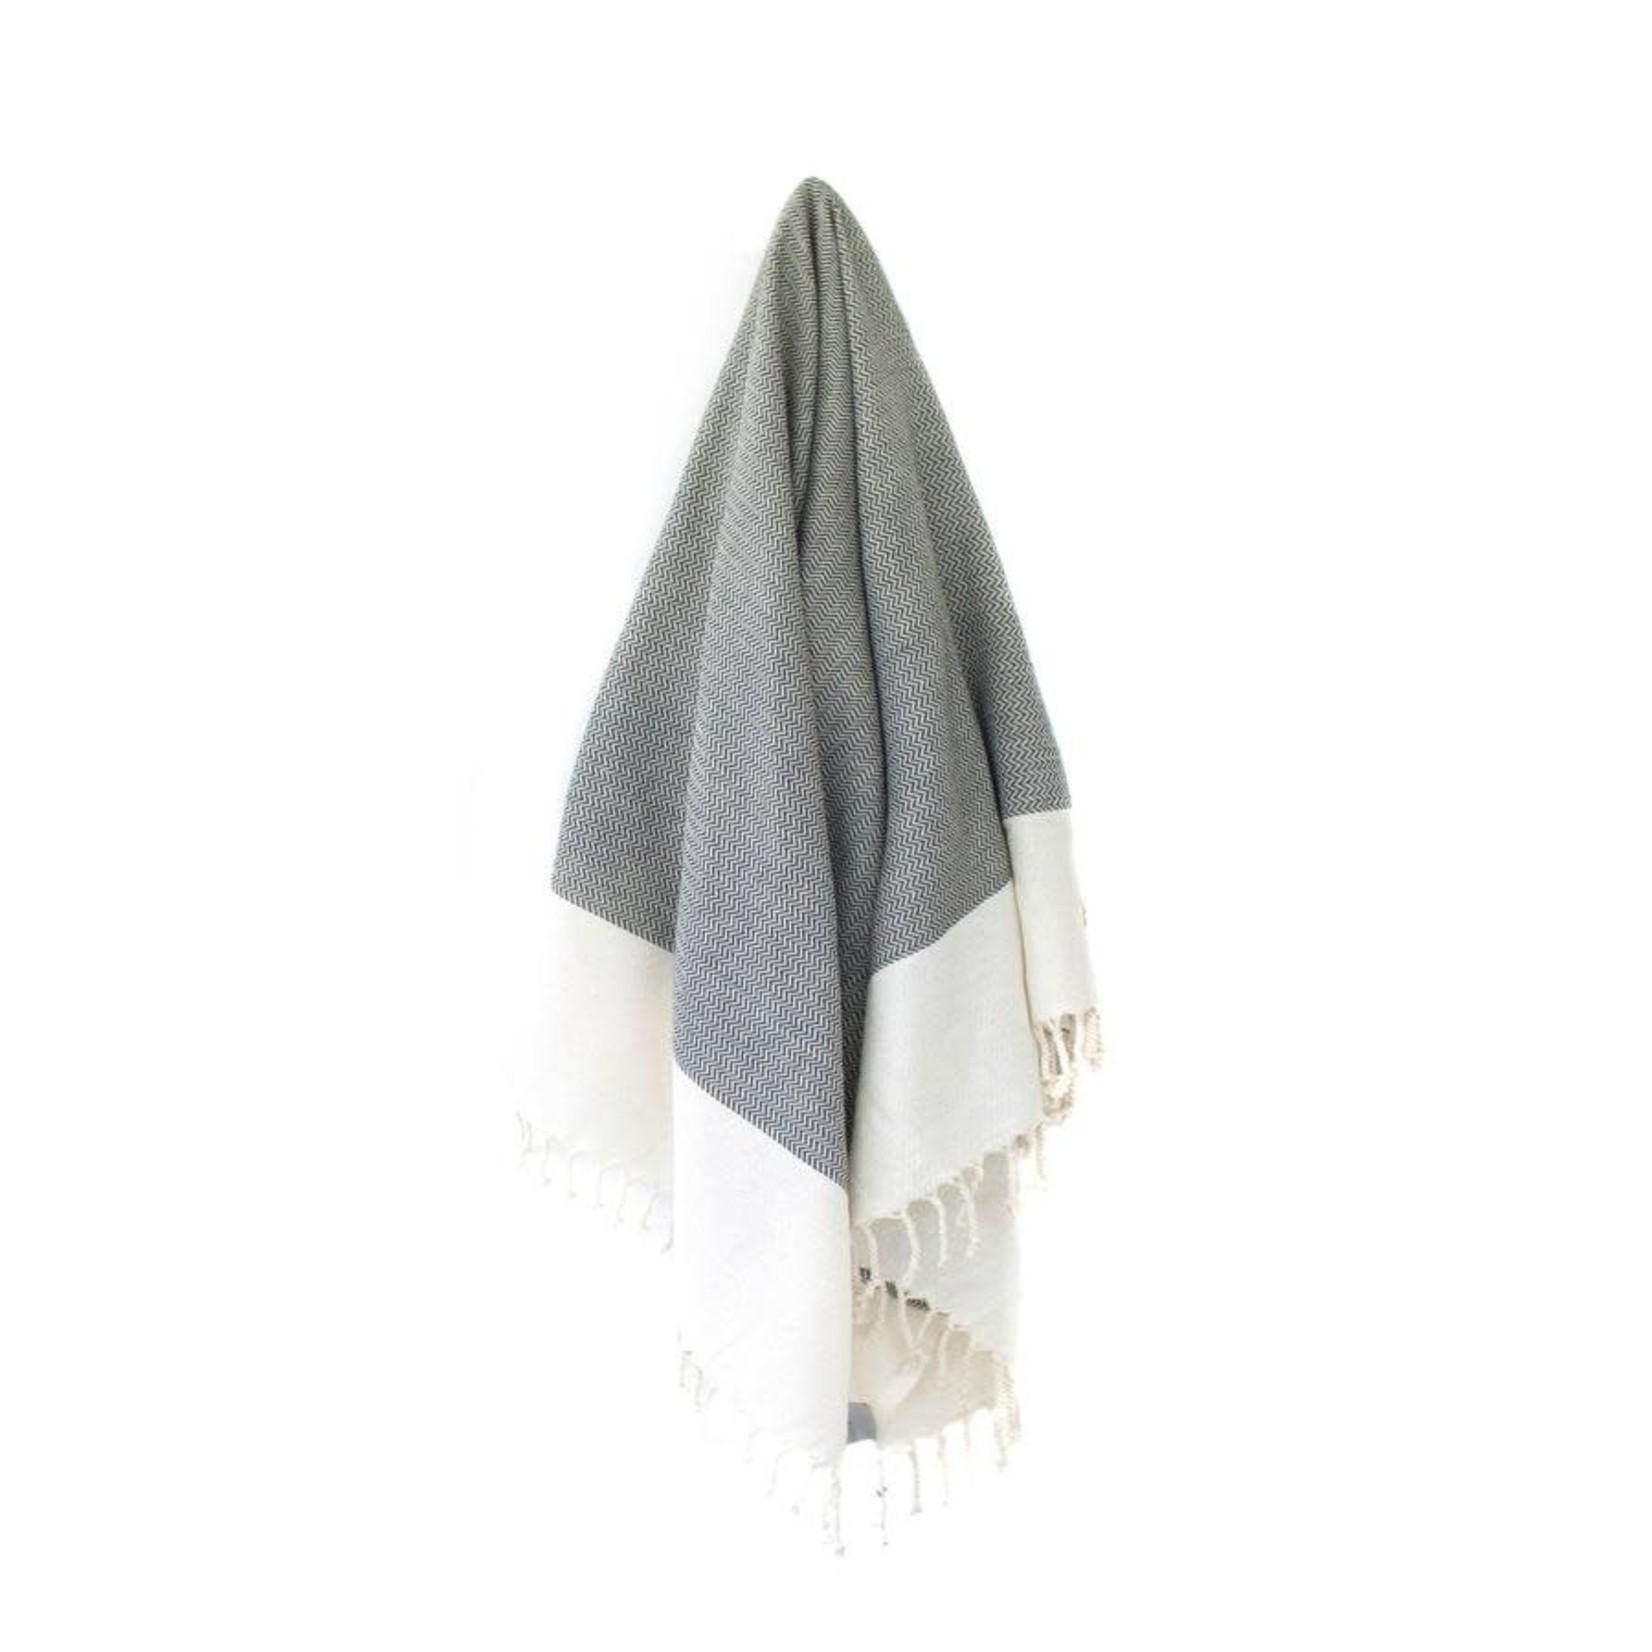 STRAY + WANDER WAVY TOWEL